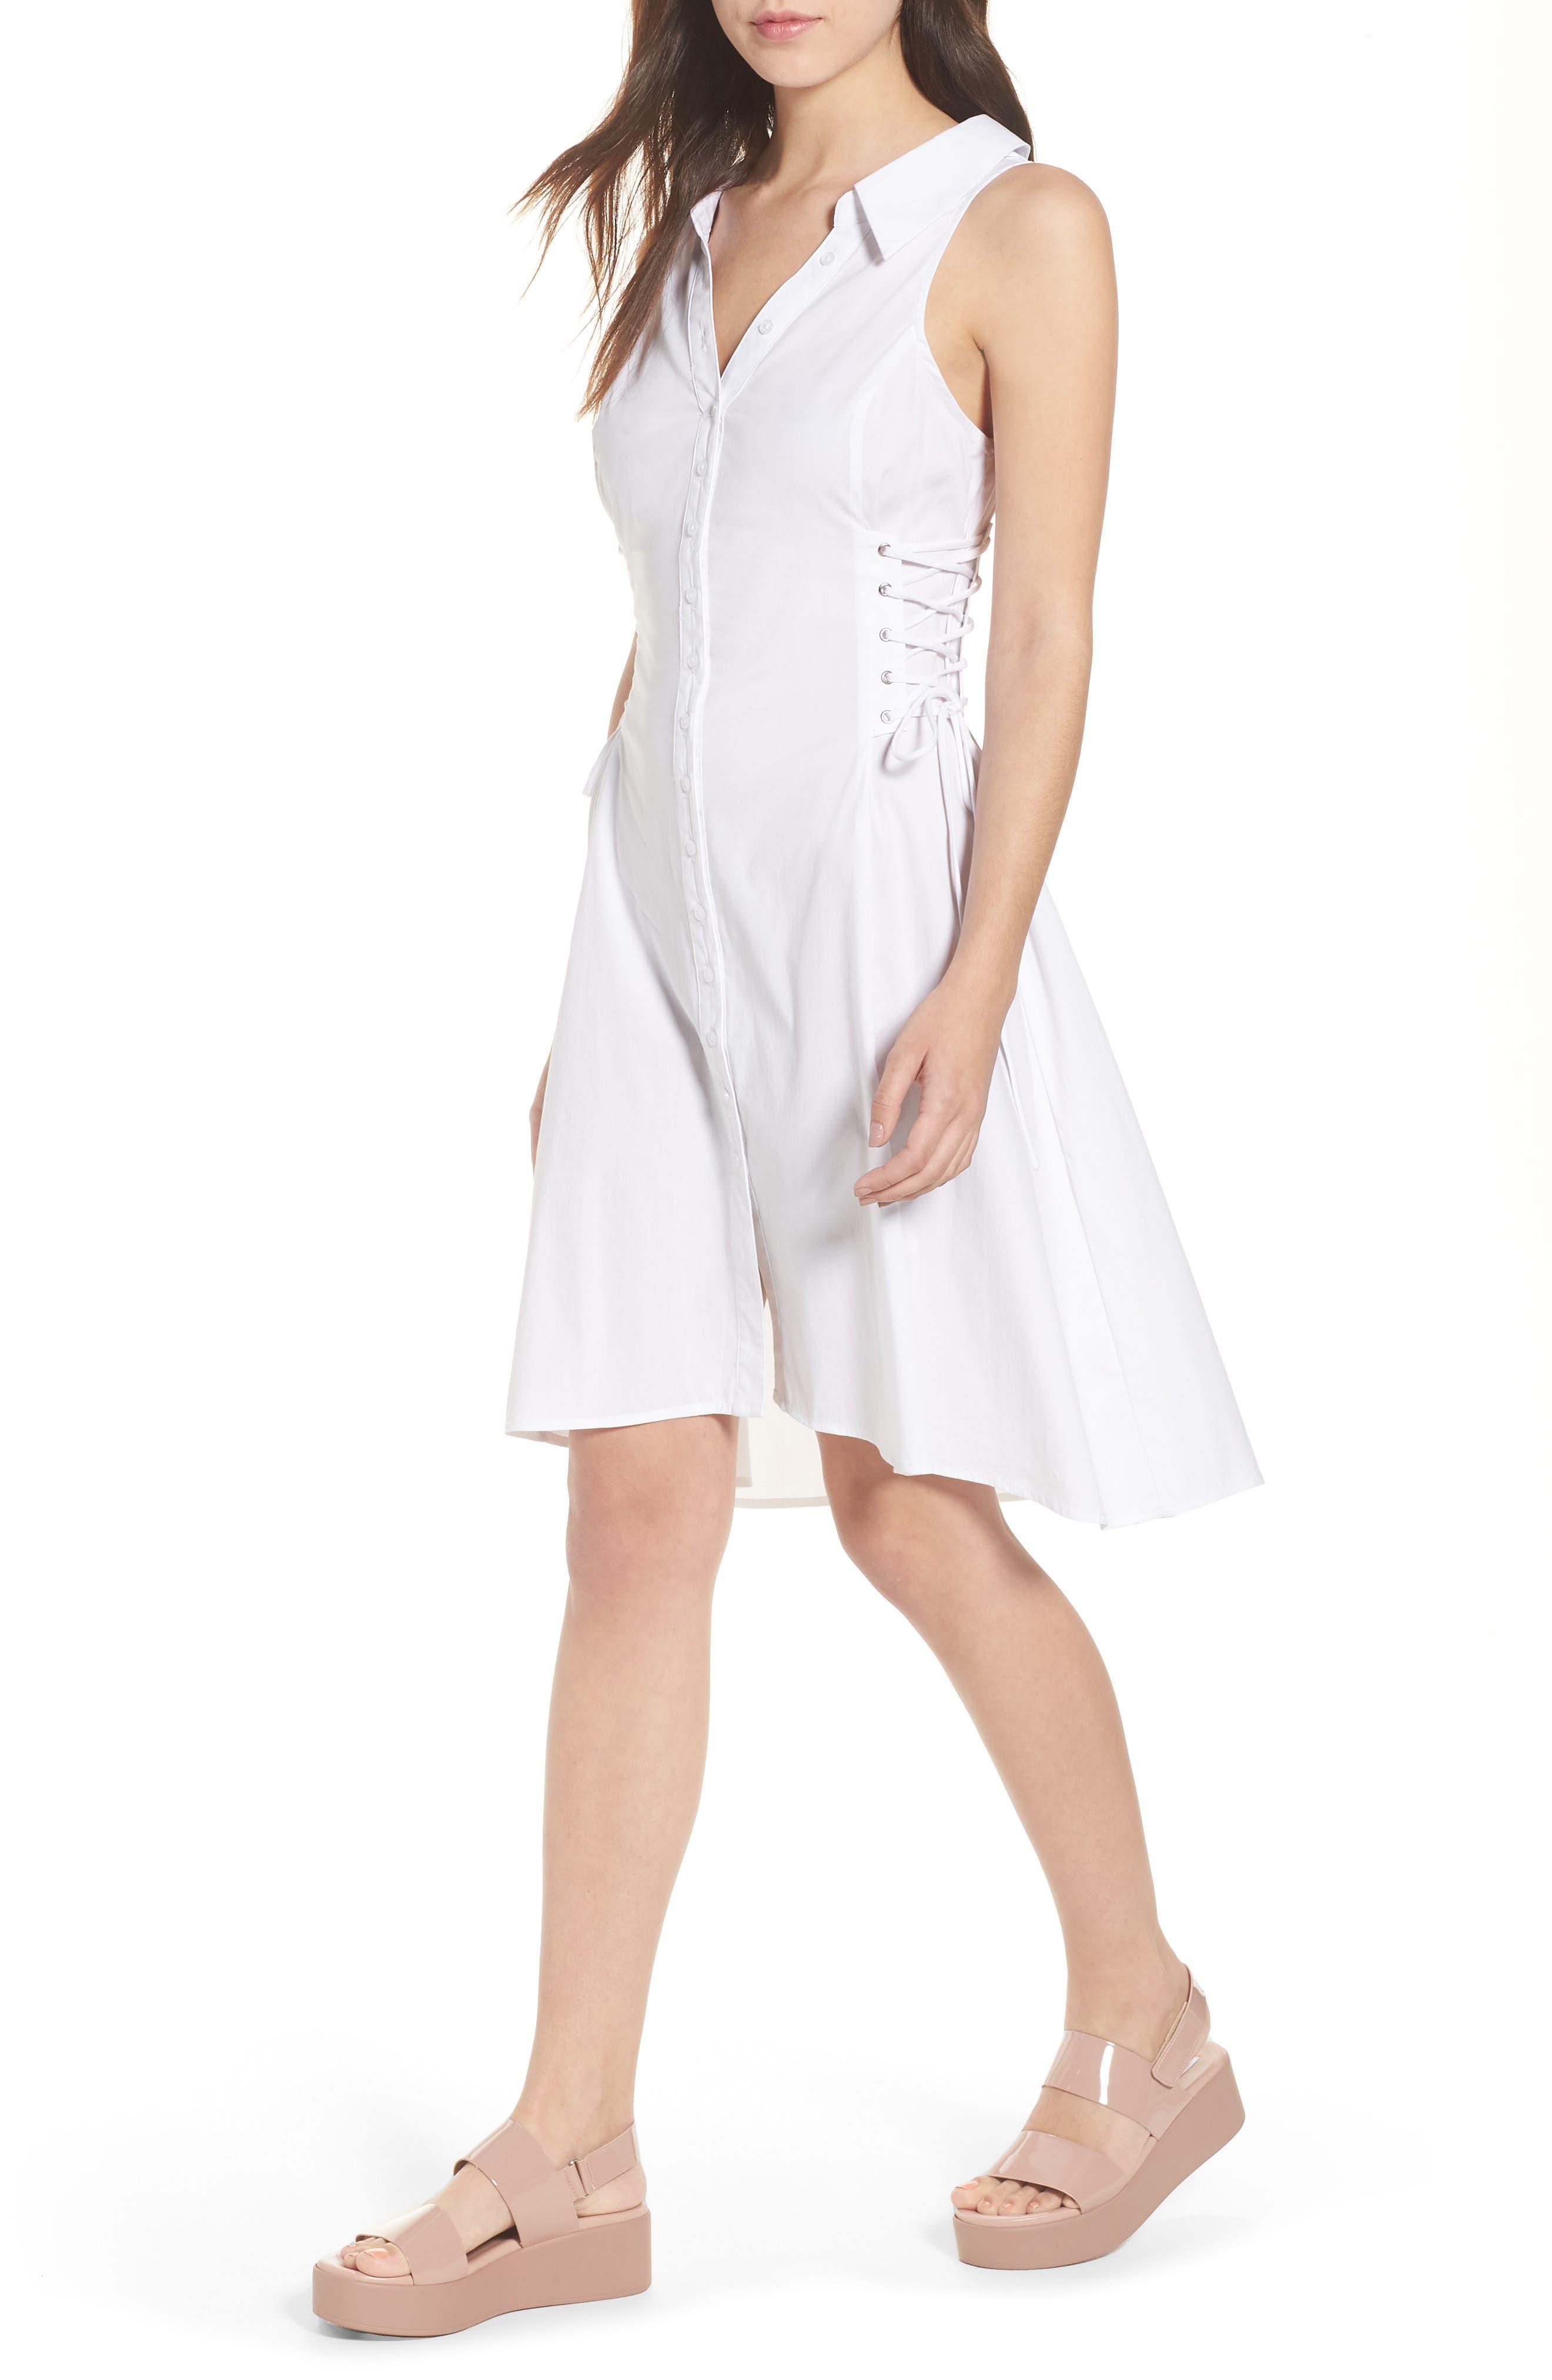 Sydney Lace Side Dress,                         Main,                         color,